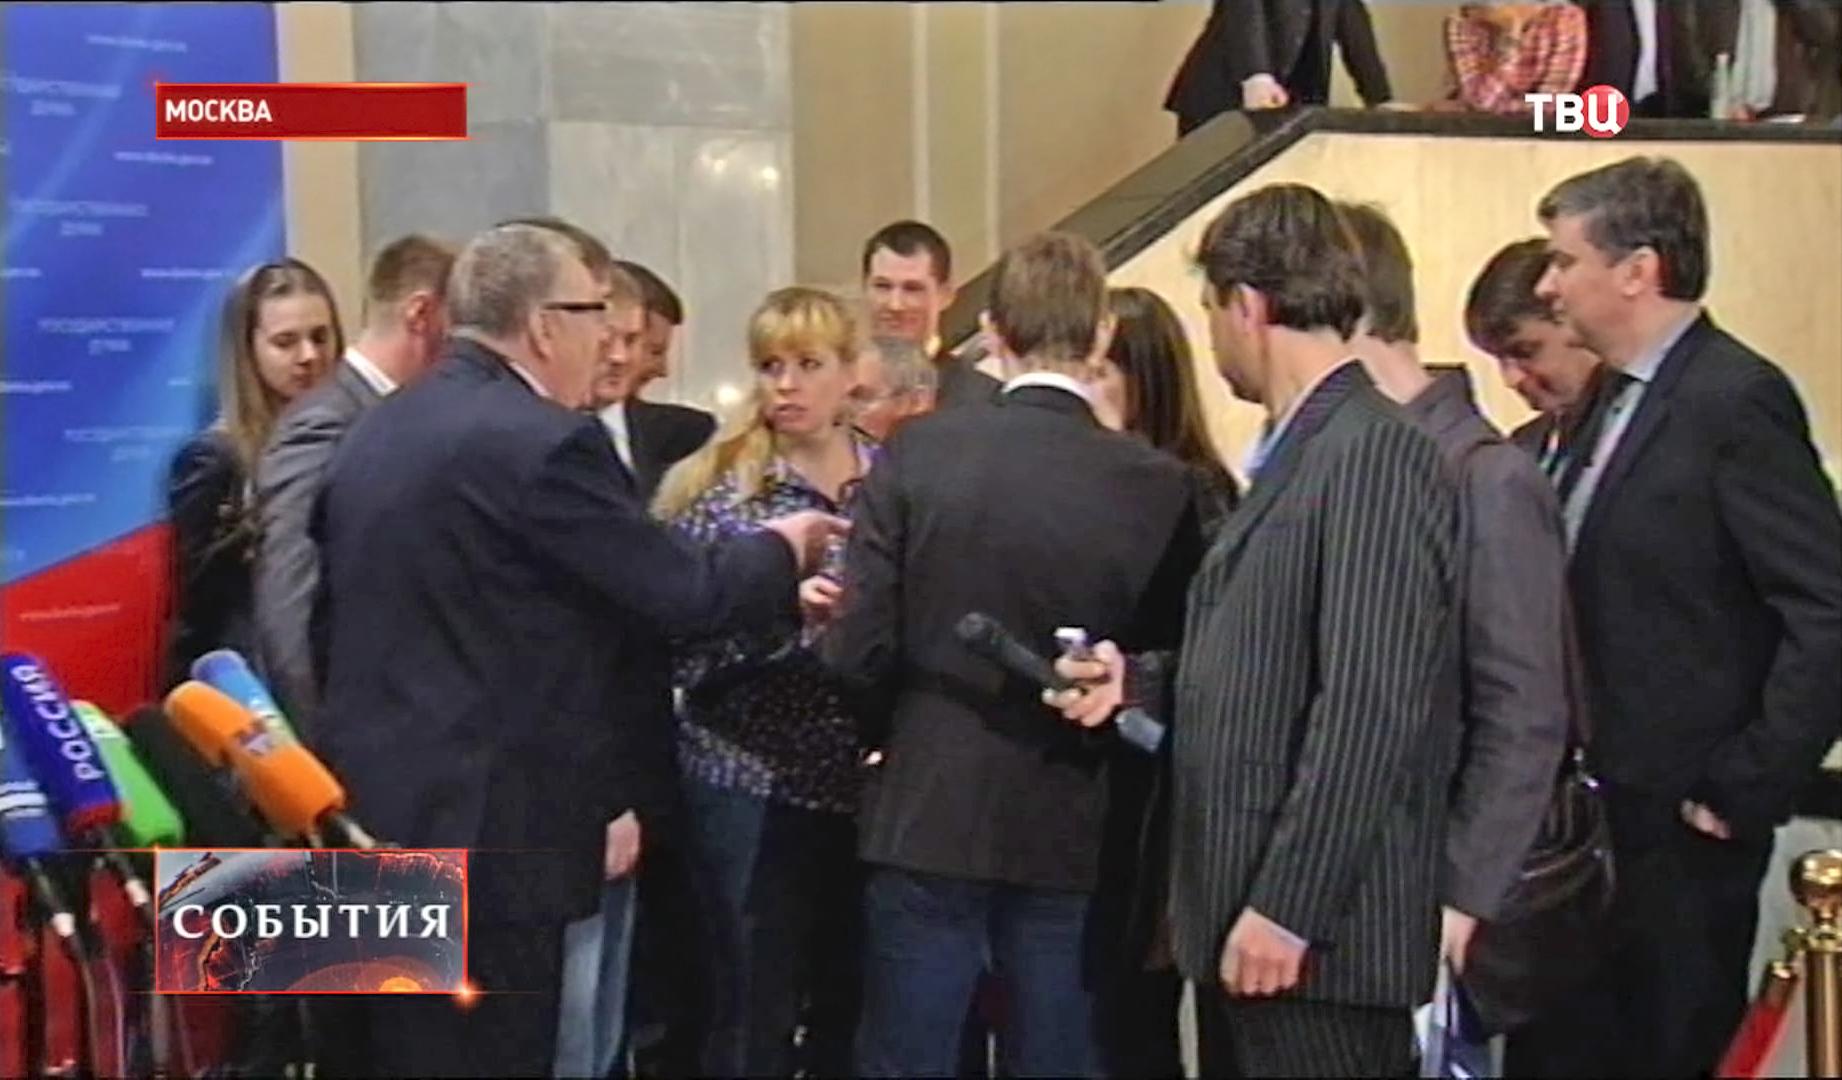 Жириновский оскорбляет беременную журналистку